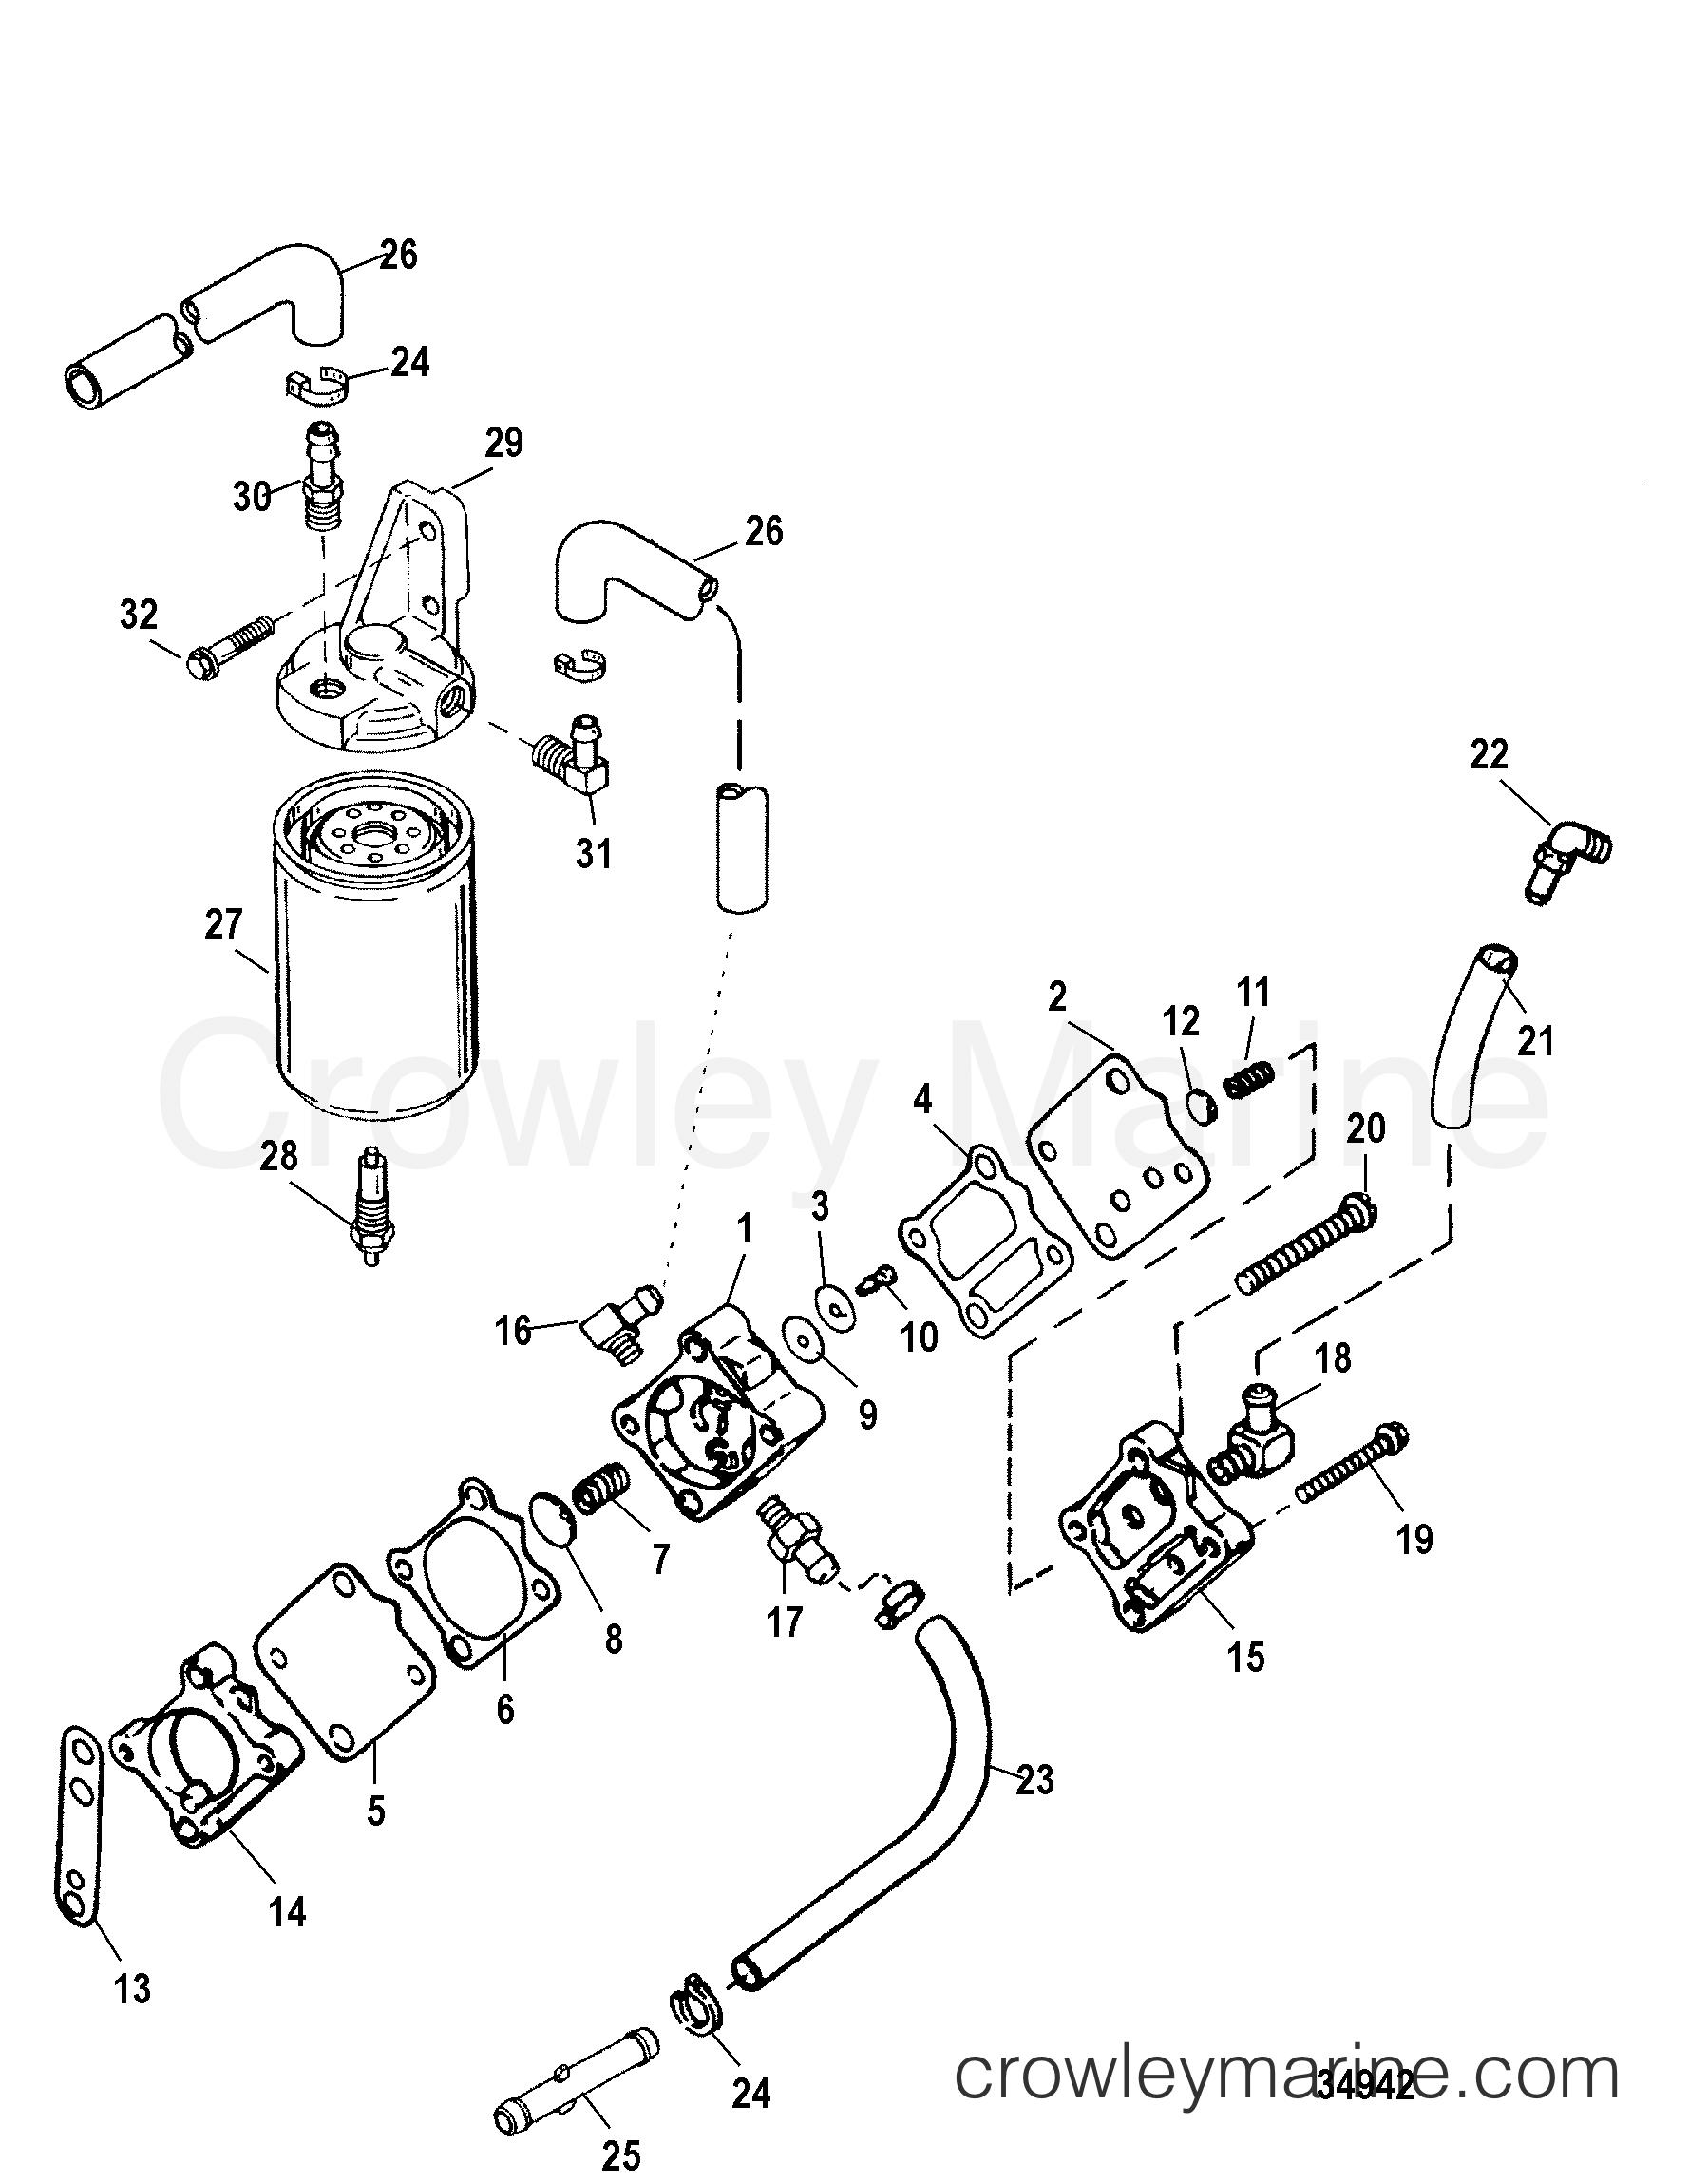 fuel pump and fuel filter